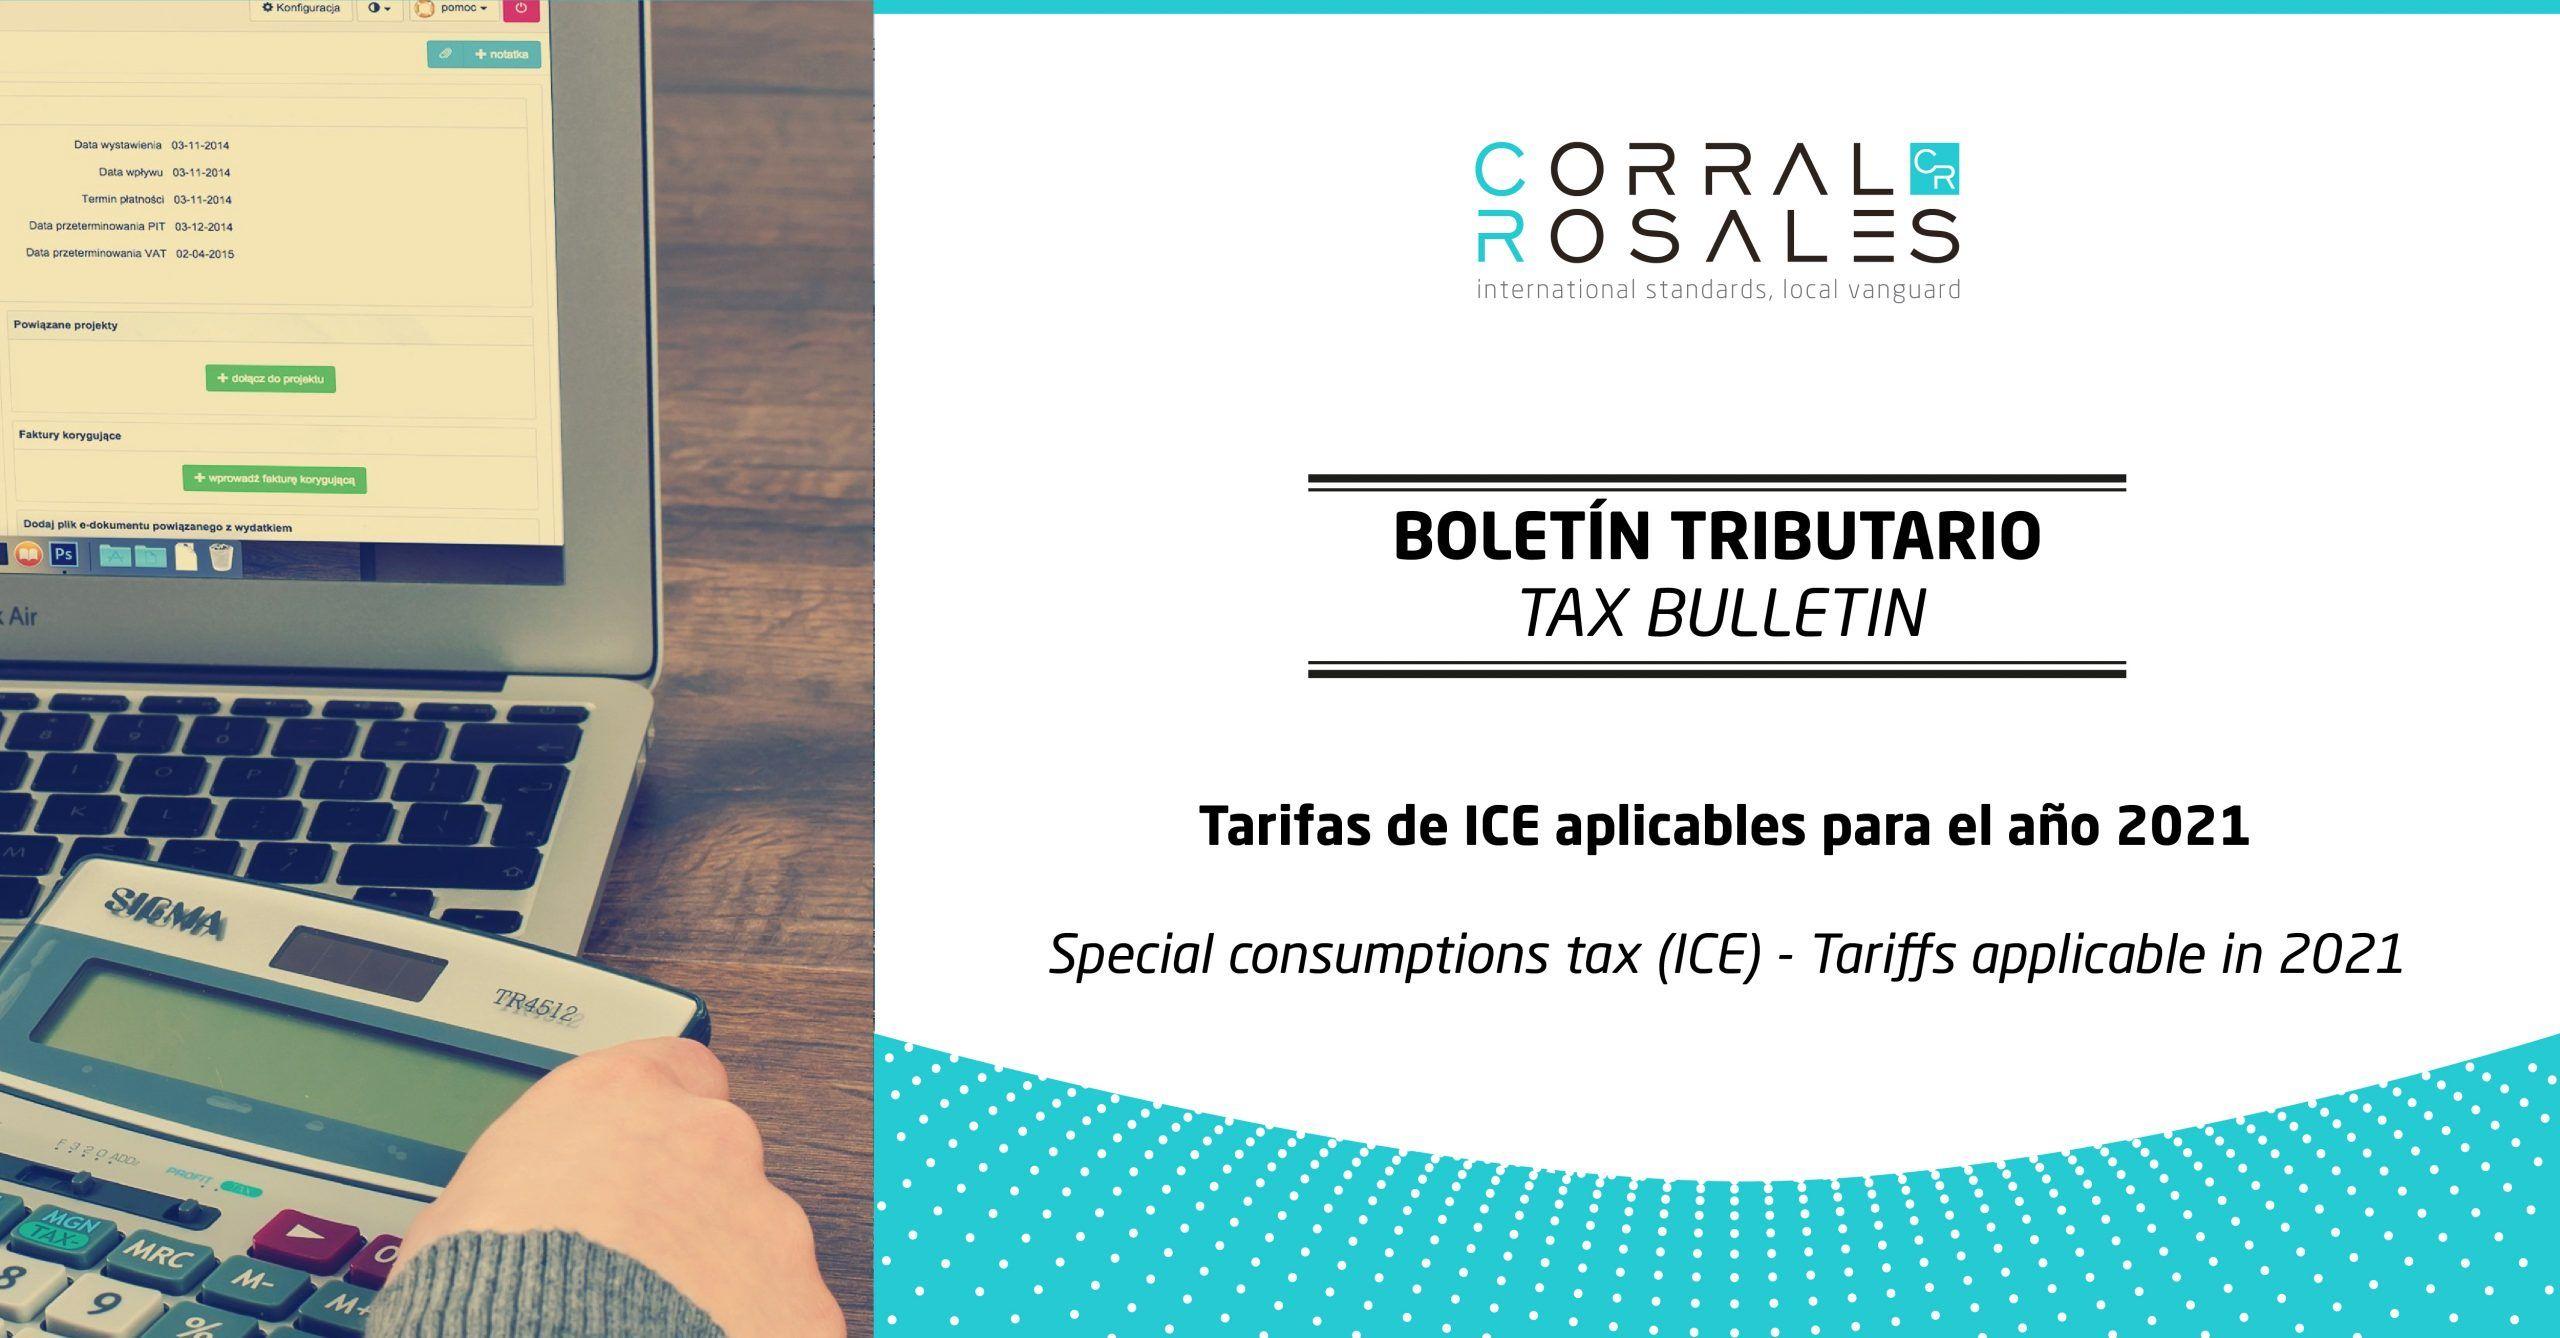 tarifas-de-ice-aplicables-para-el-año-2021-abogados-ecuador